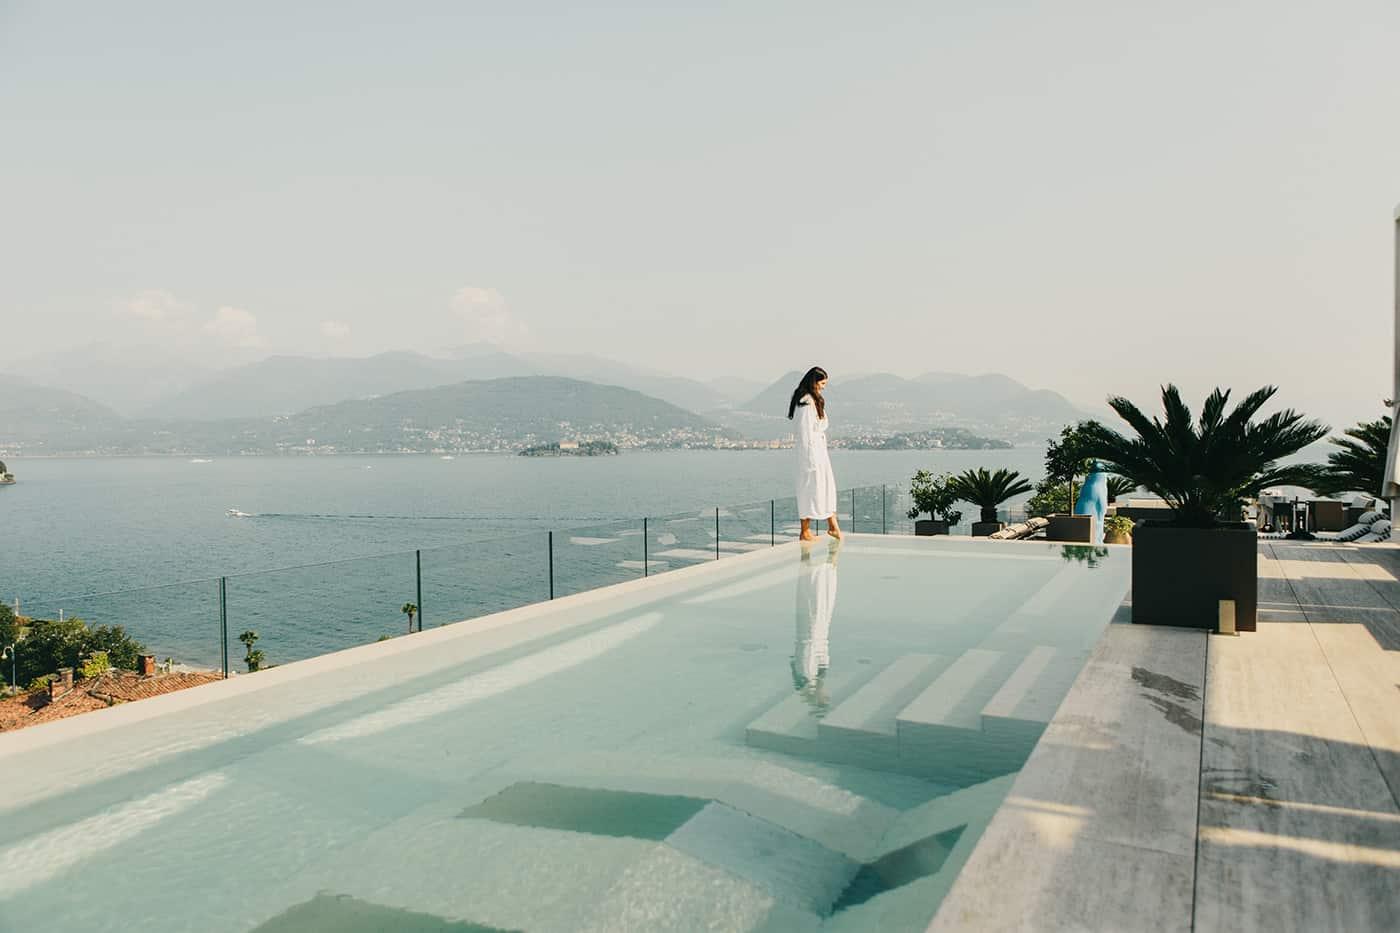 Hotel La Palma Lake Maggiore